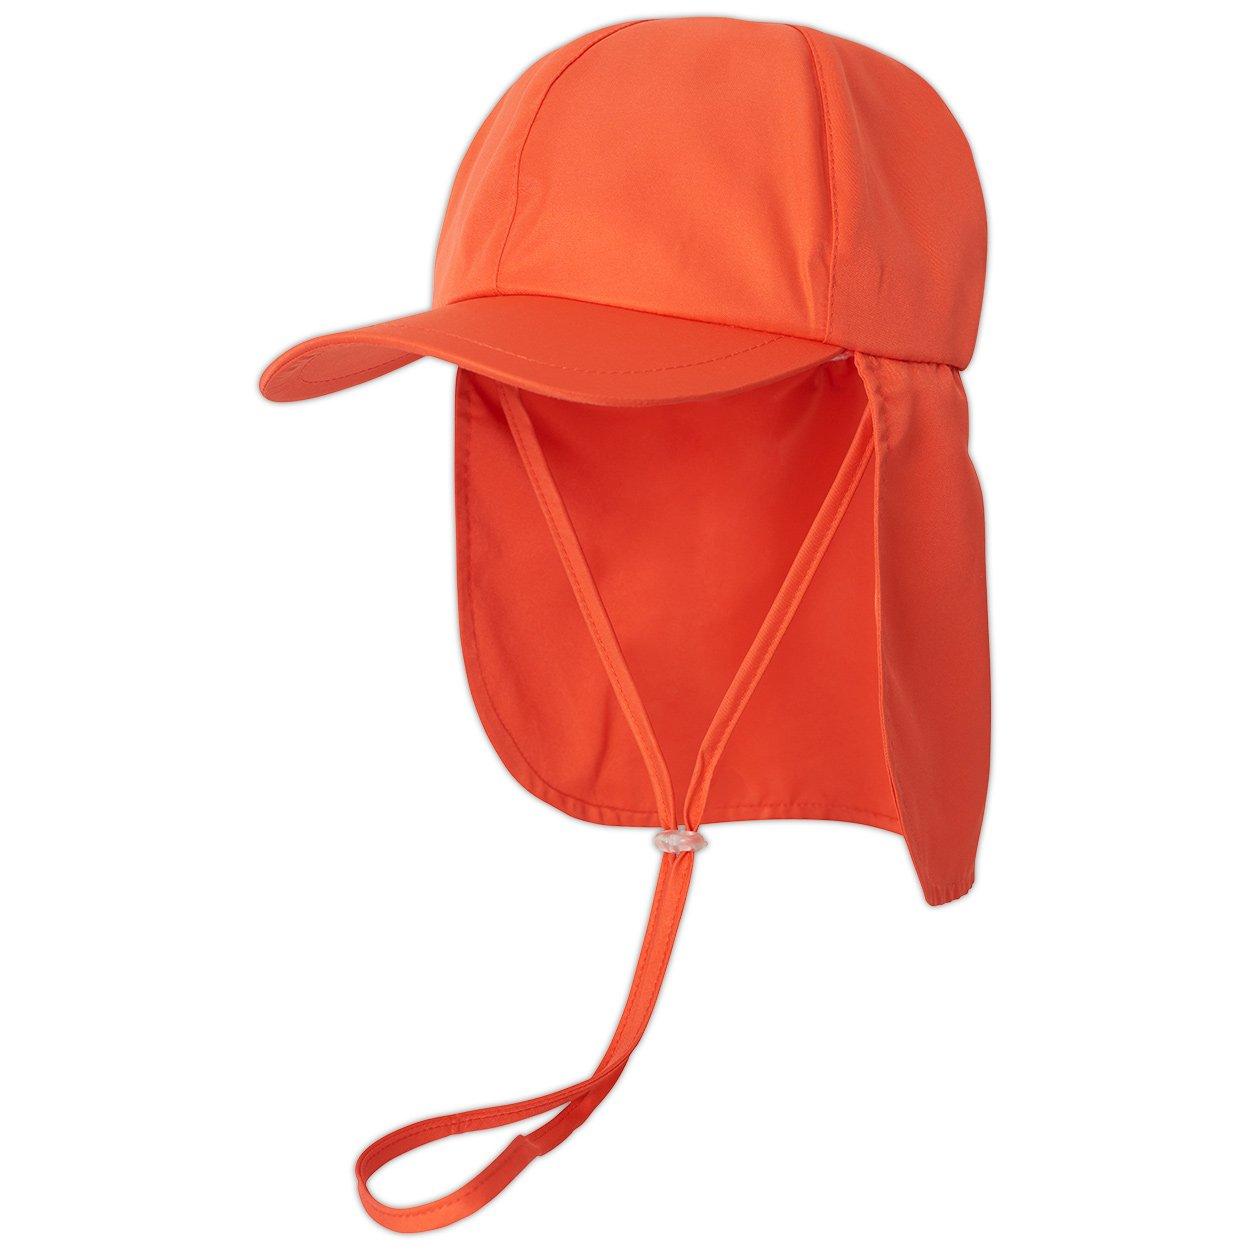 5ebec0c67e5cb Kids Orange Legionnaire Sun Hat Upf 50 Size S Xl Boys Girls Unisex  Sunpoplife Back Left